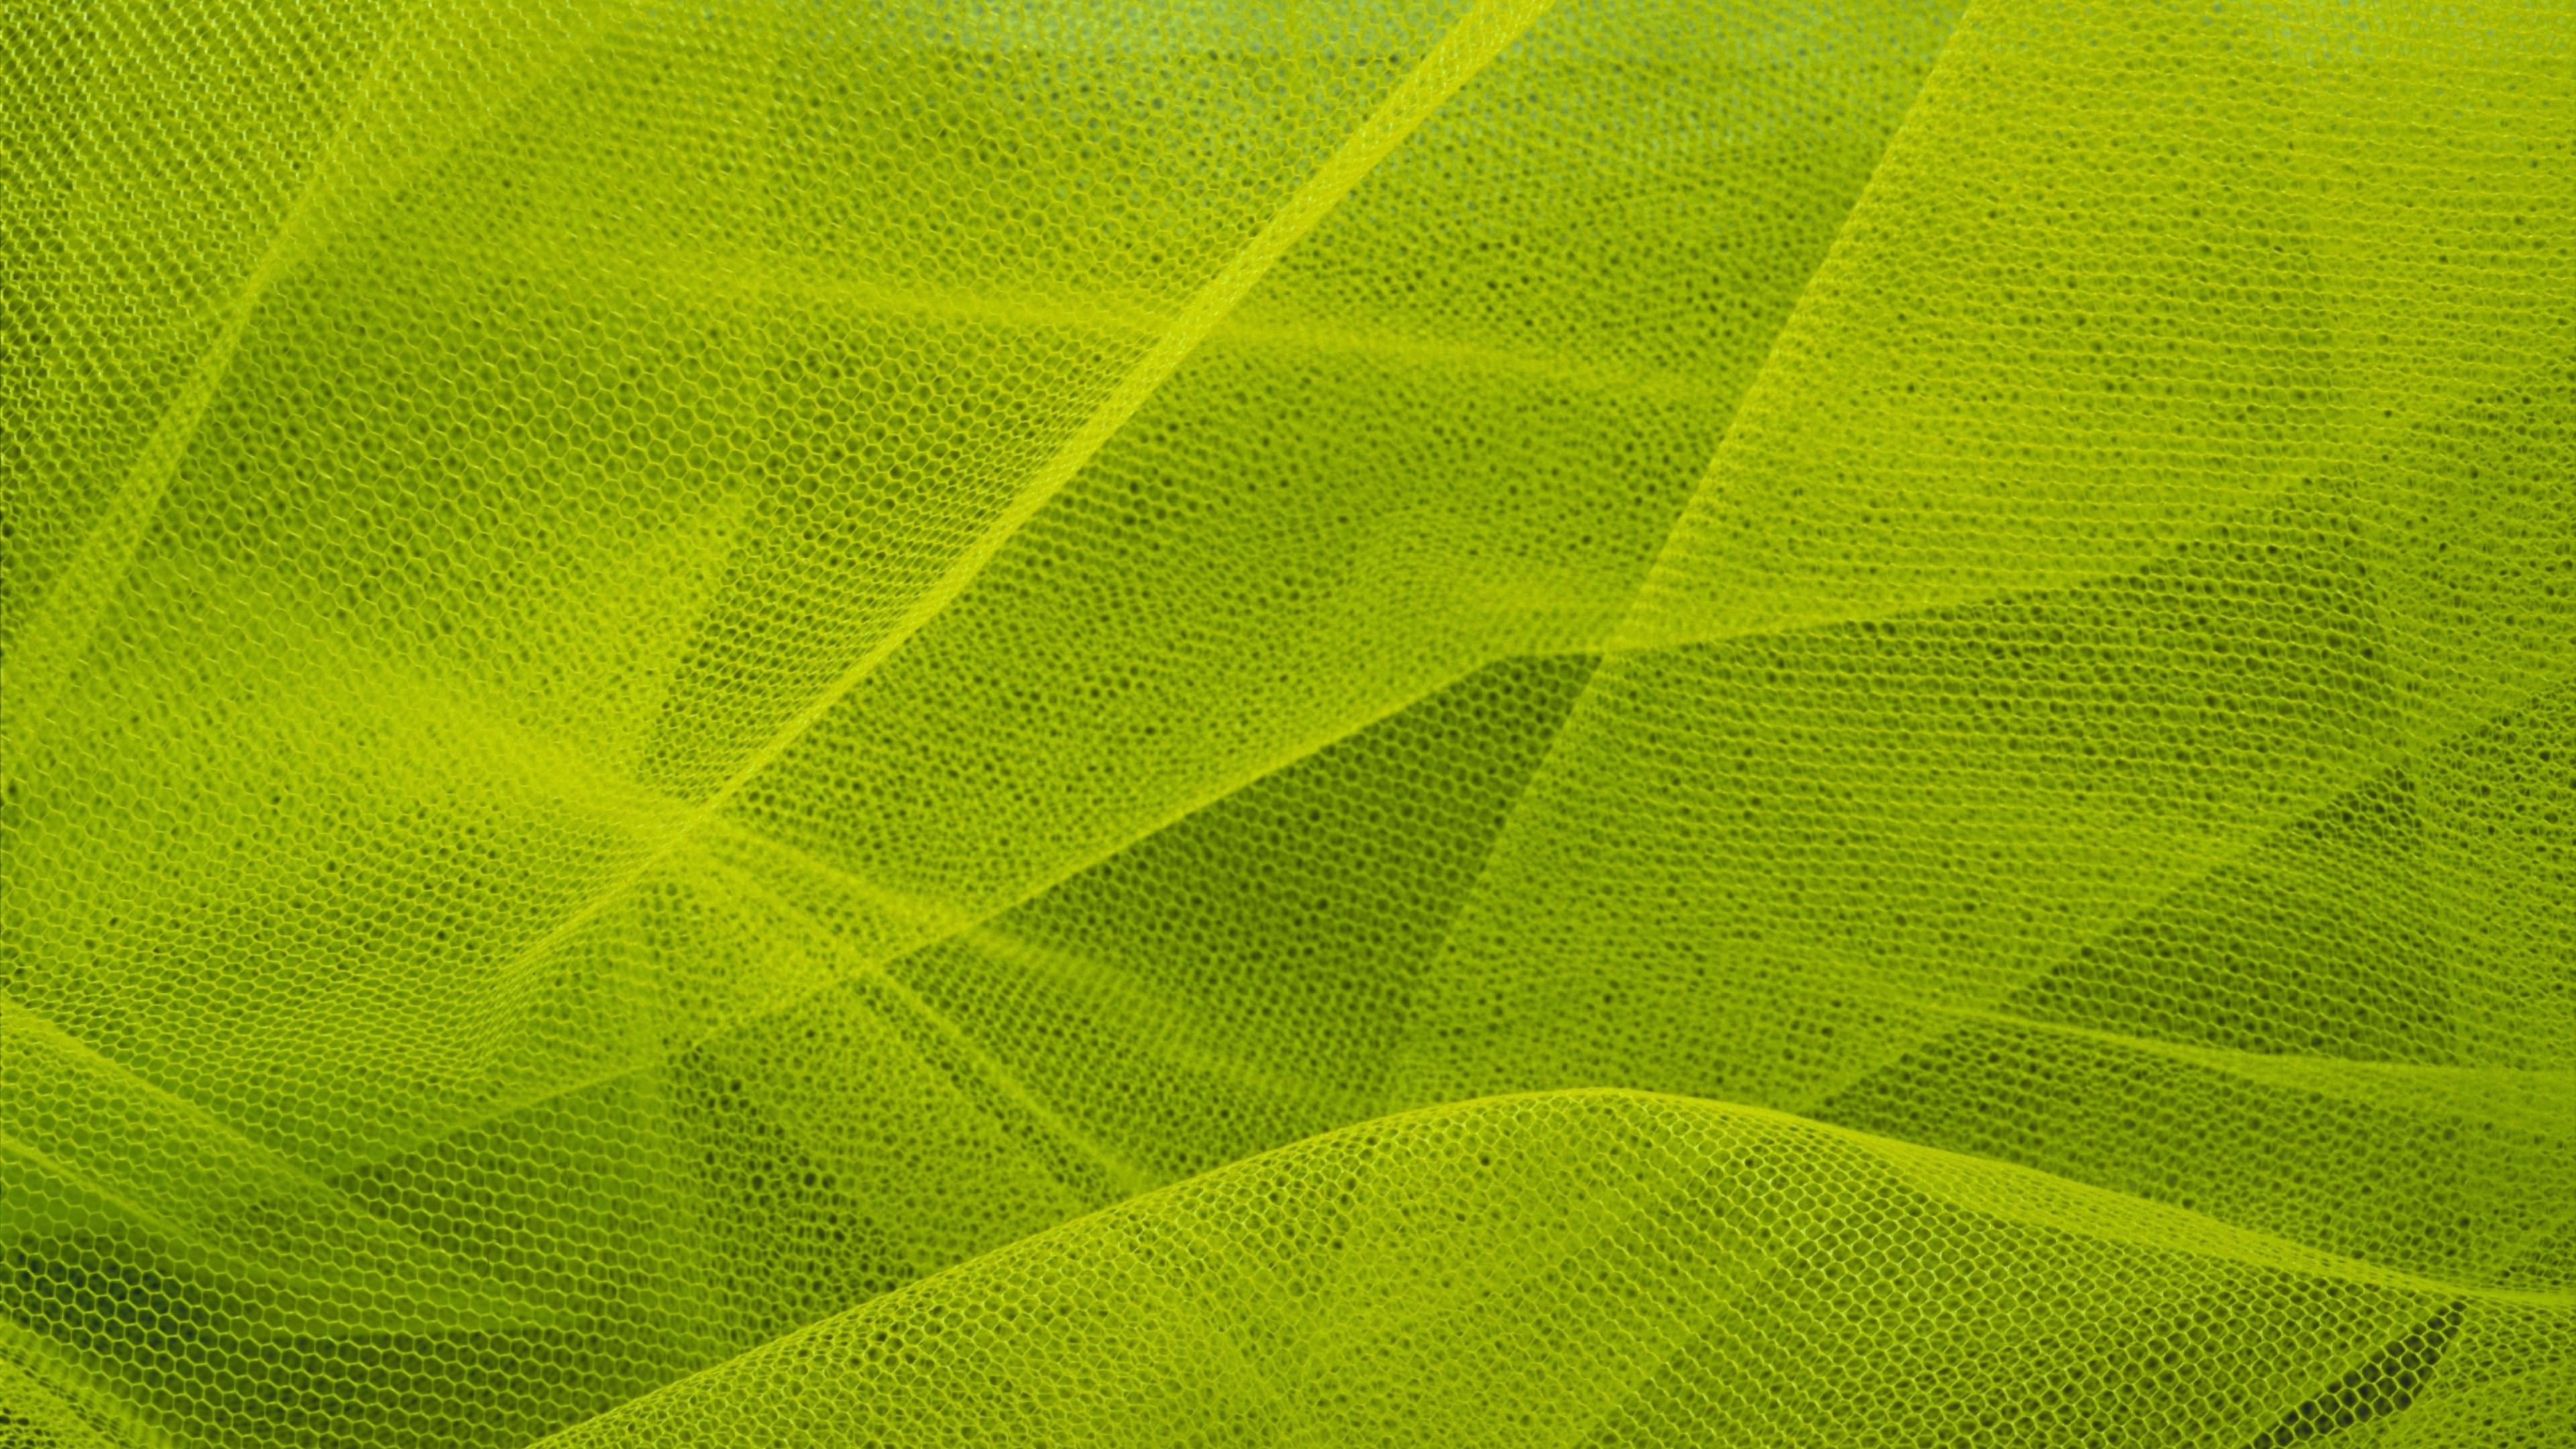 Листья сетка в хорошем качестве